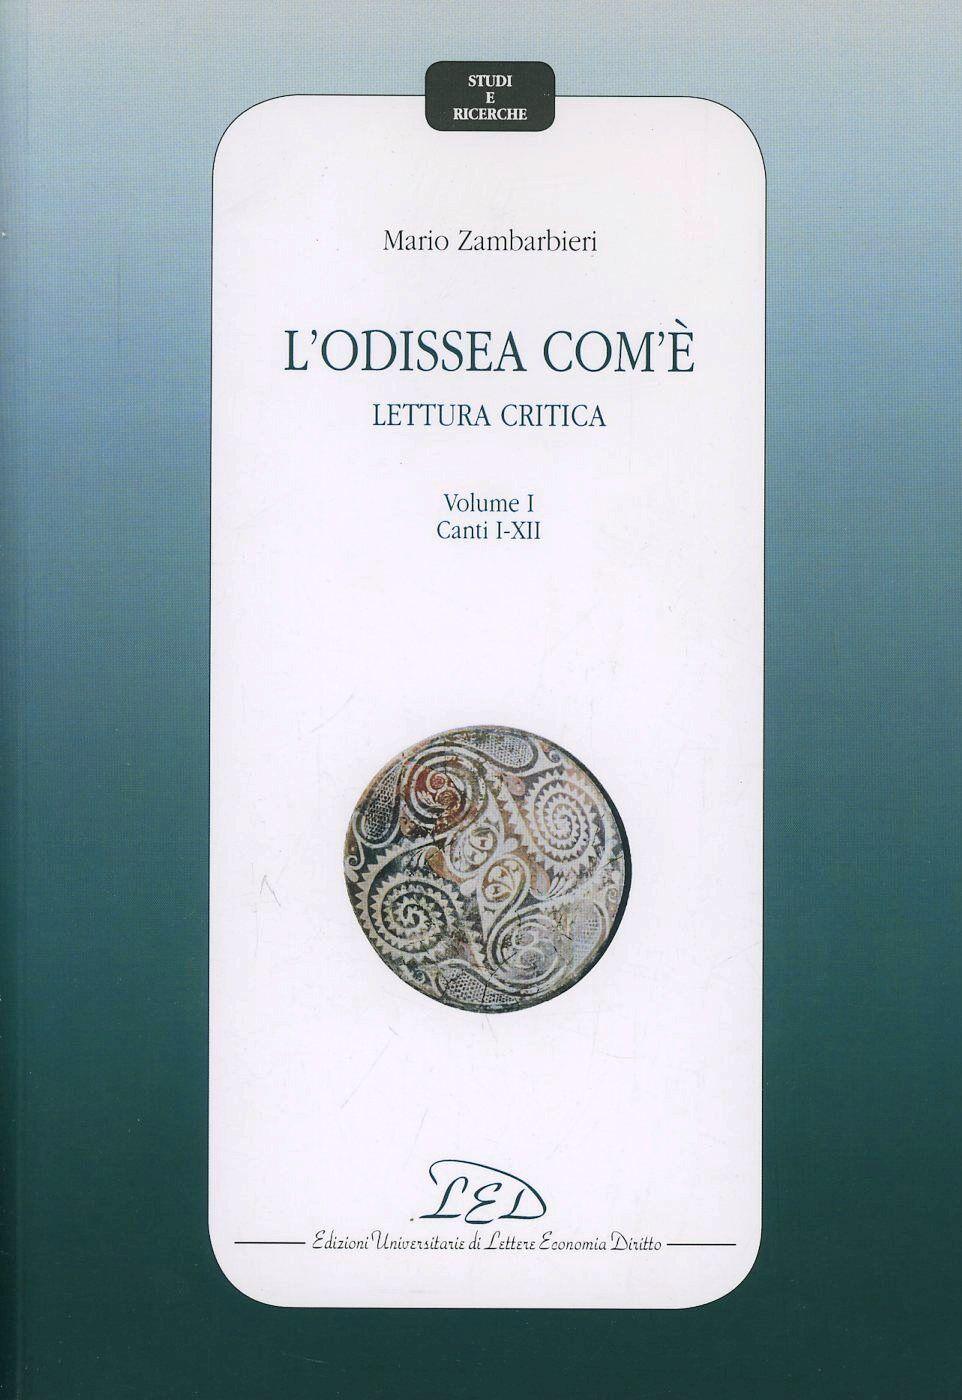 L' Odissea com'è. Lettura critica. Vol. 1: Canti I-XII.